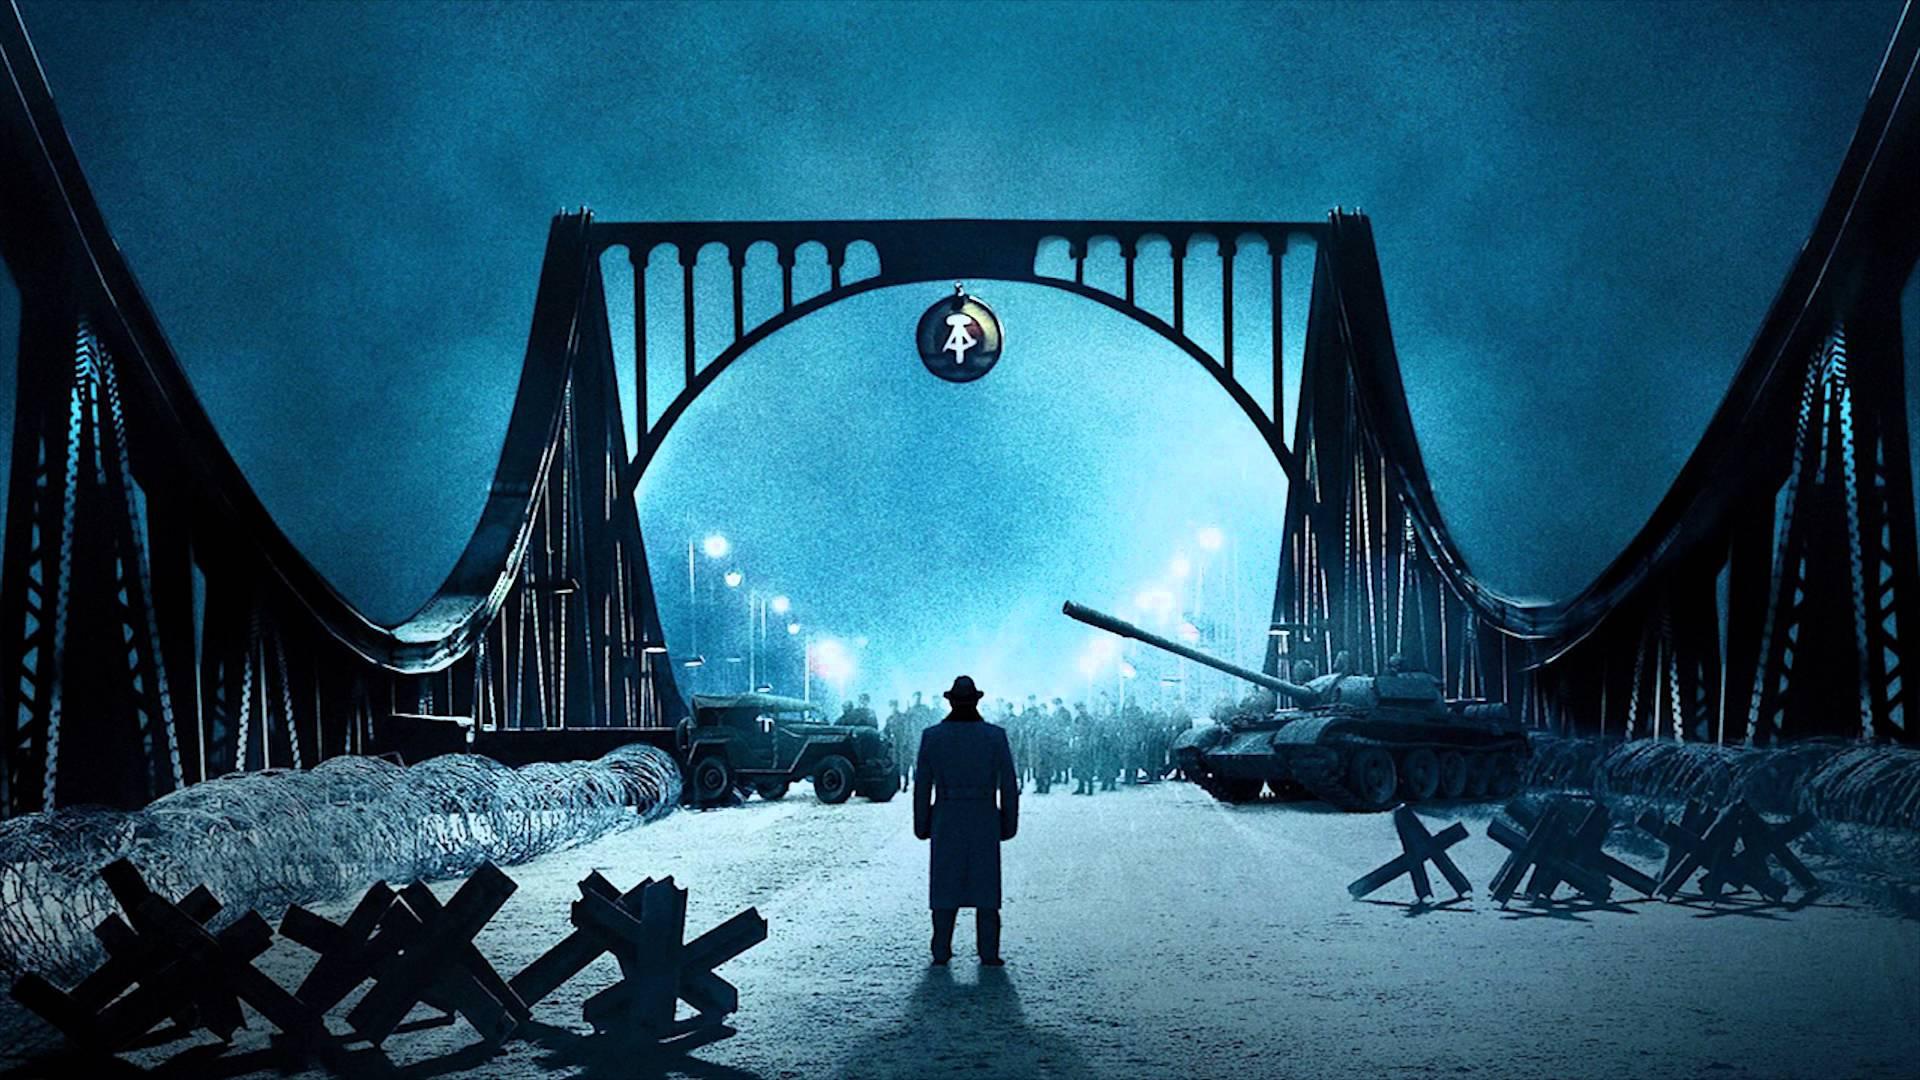 Film 2015 - i film migliori del 2015 da vedere assolutamente